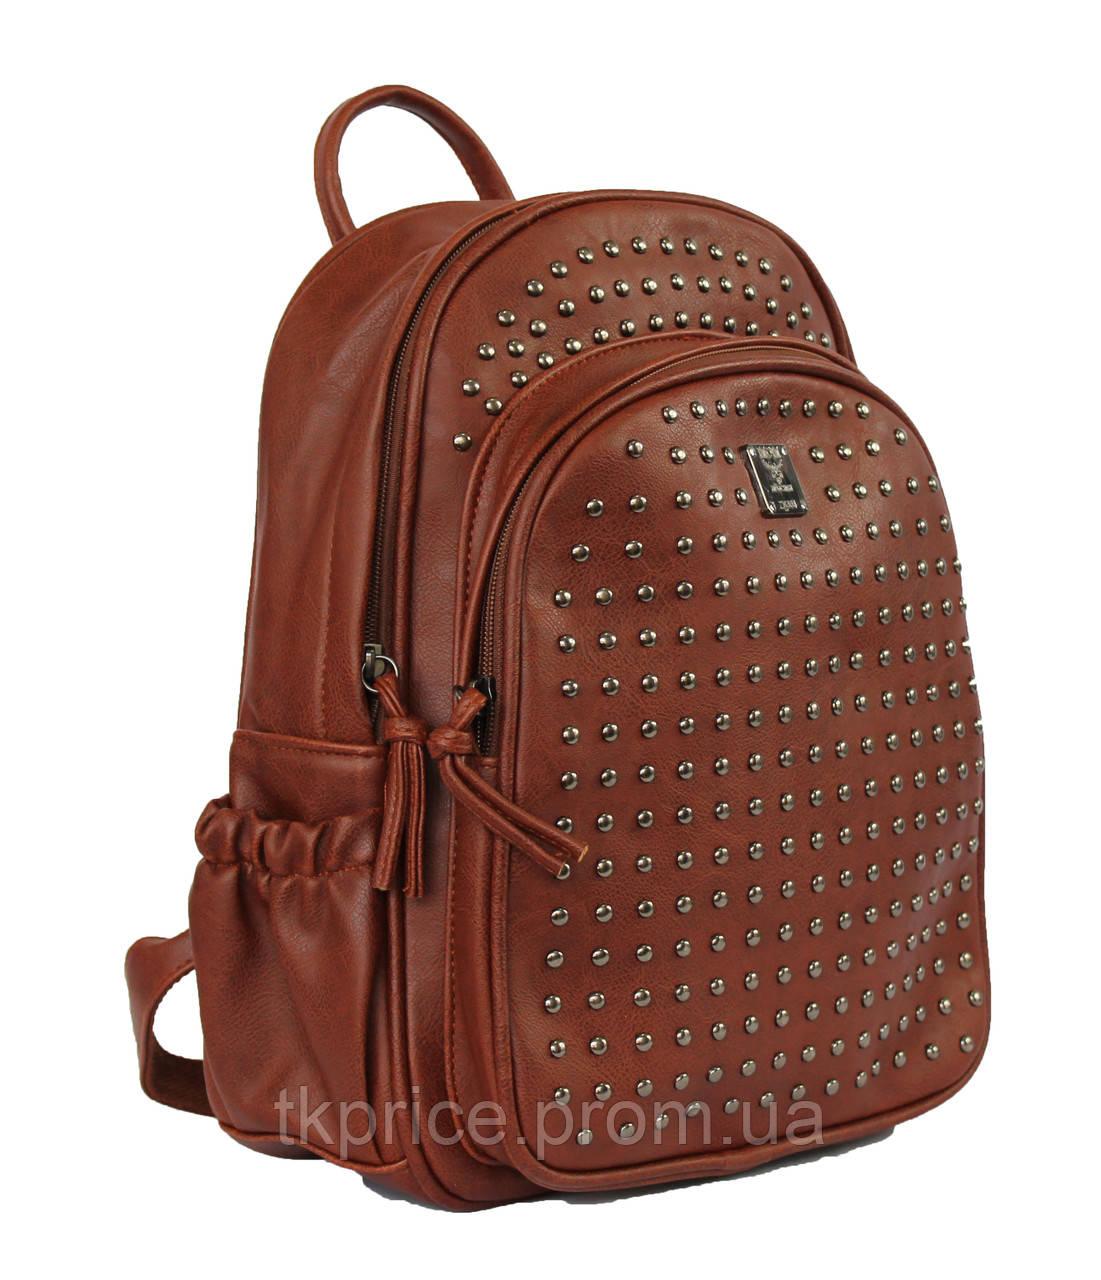 Рюкзак с шипами искусственная кожа